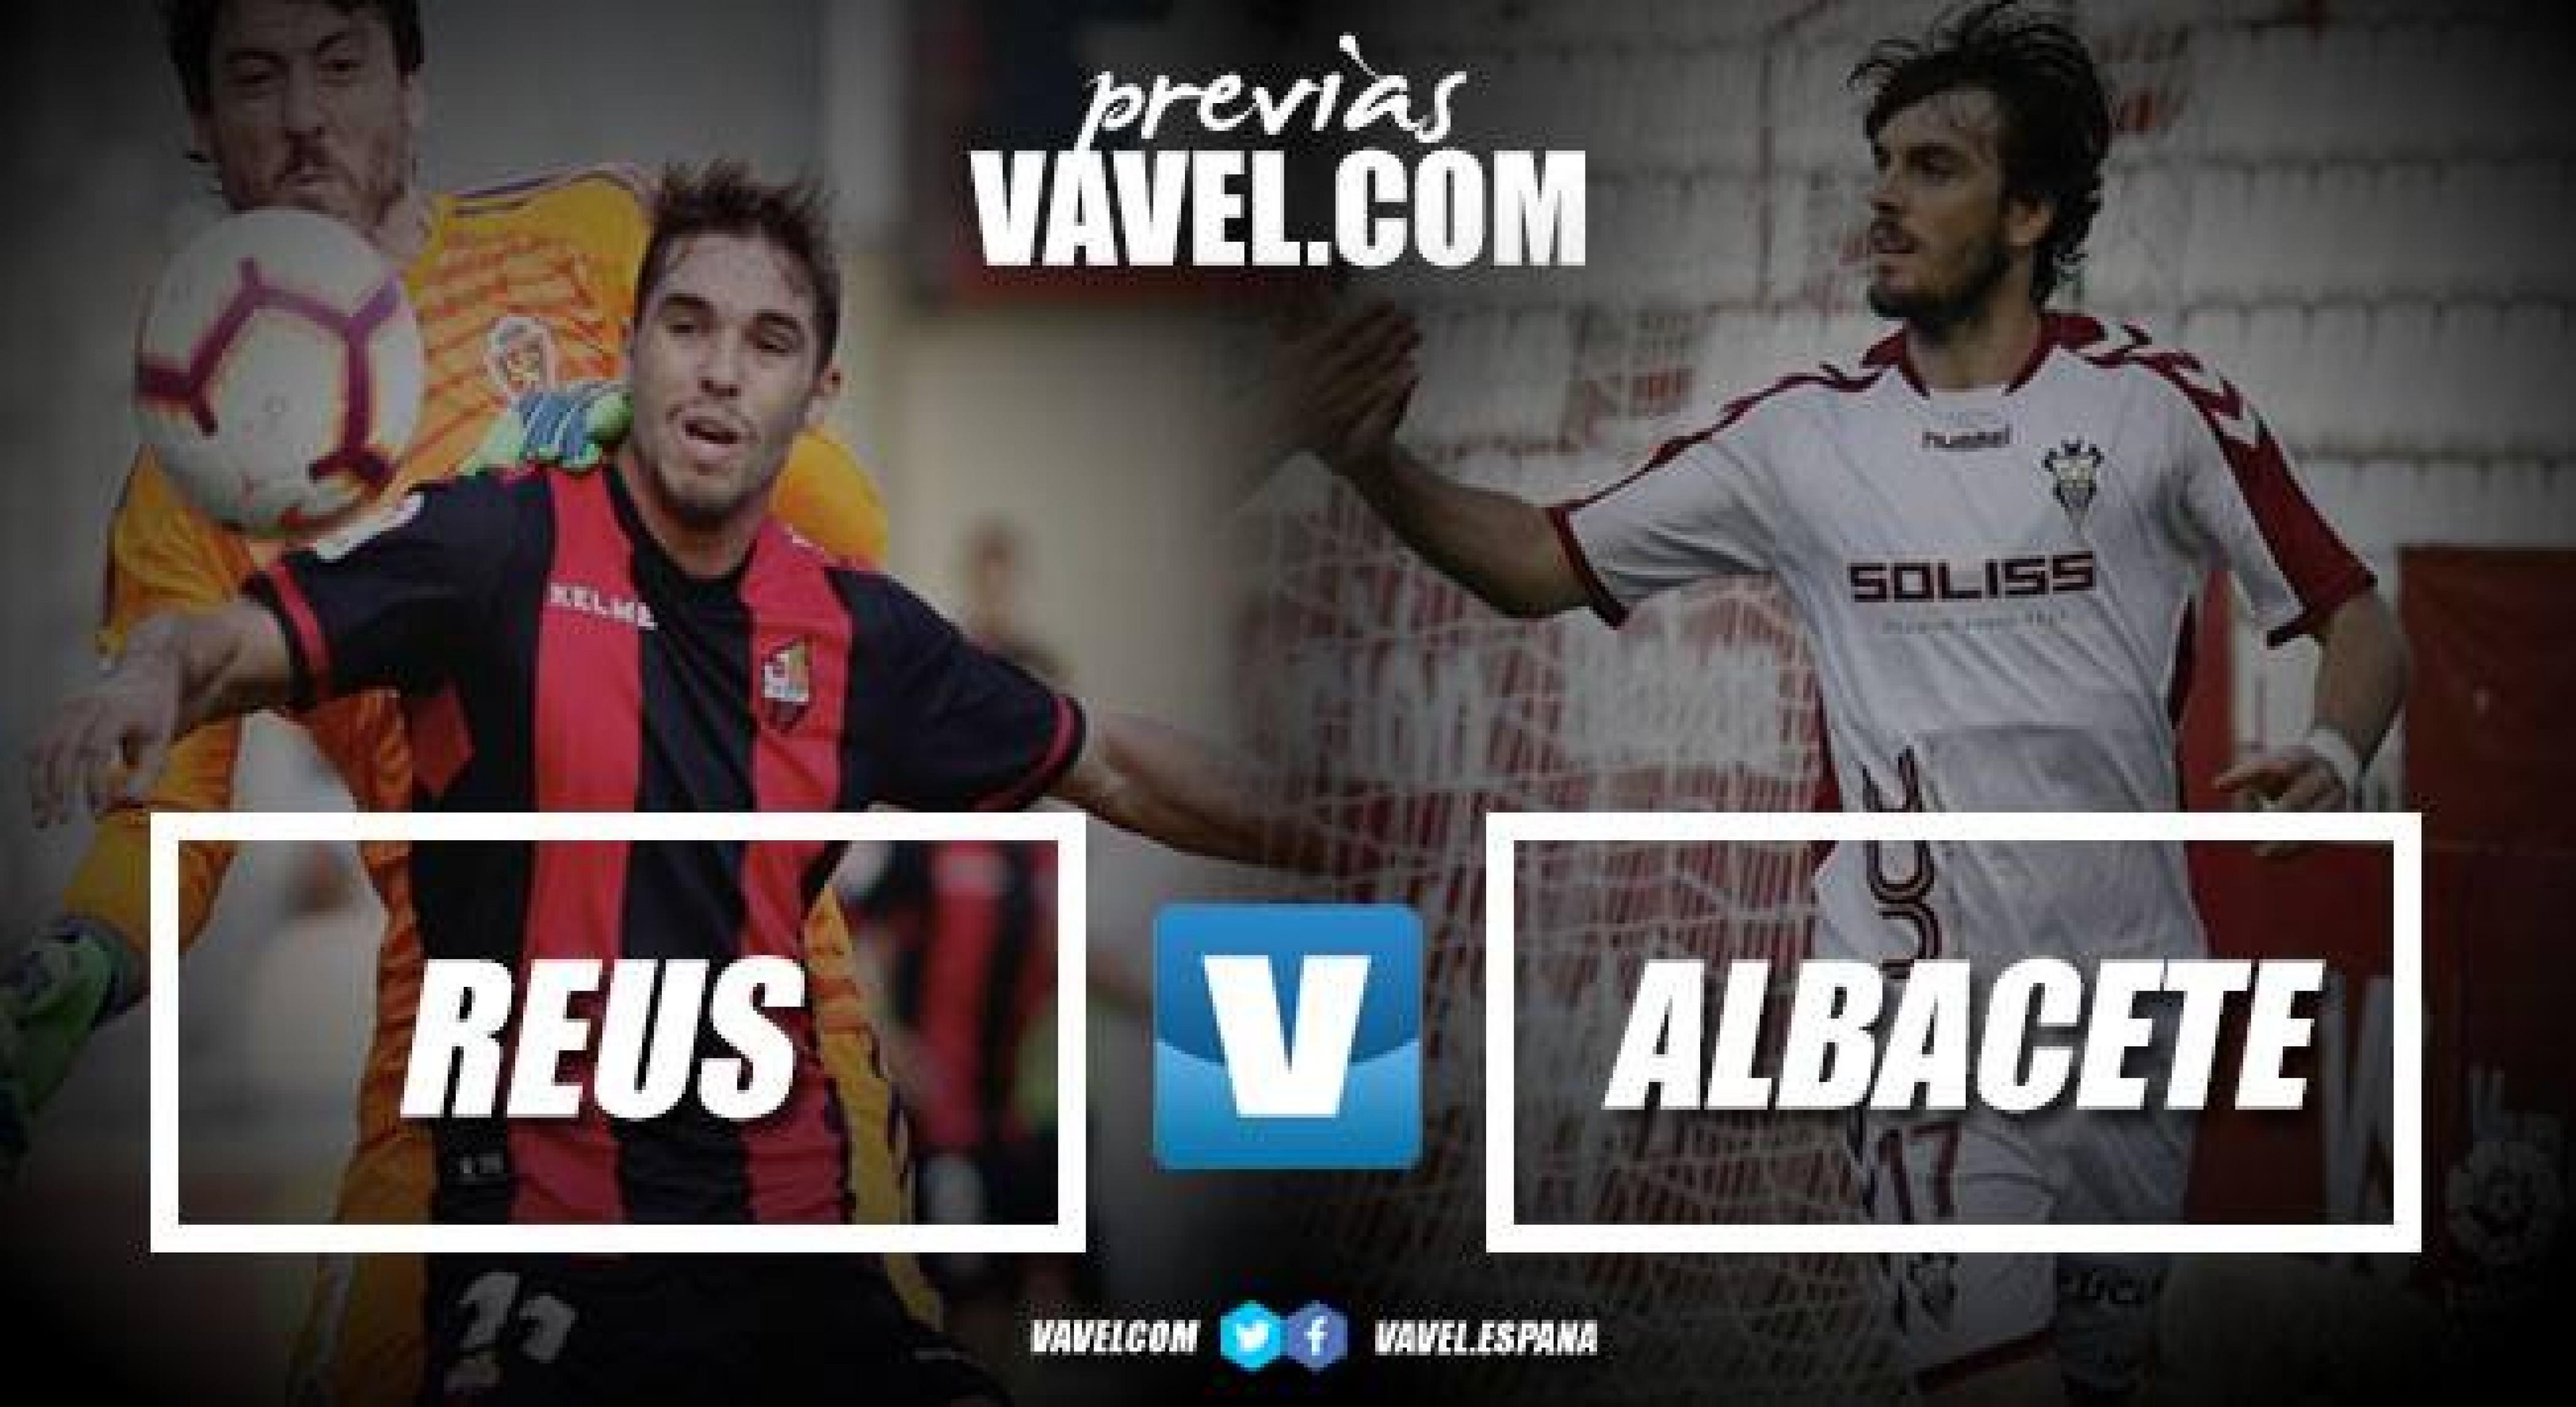 Previa CF Reus - Albacete Balompié: En busca de la primera victoria como local